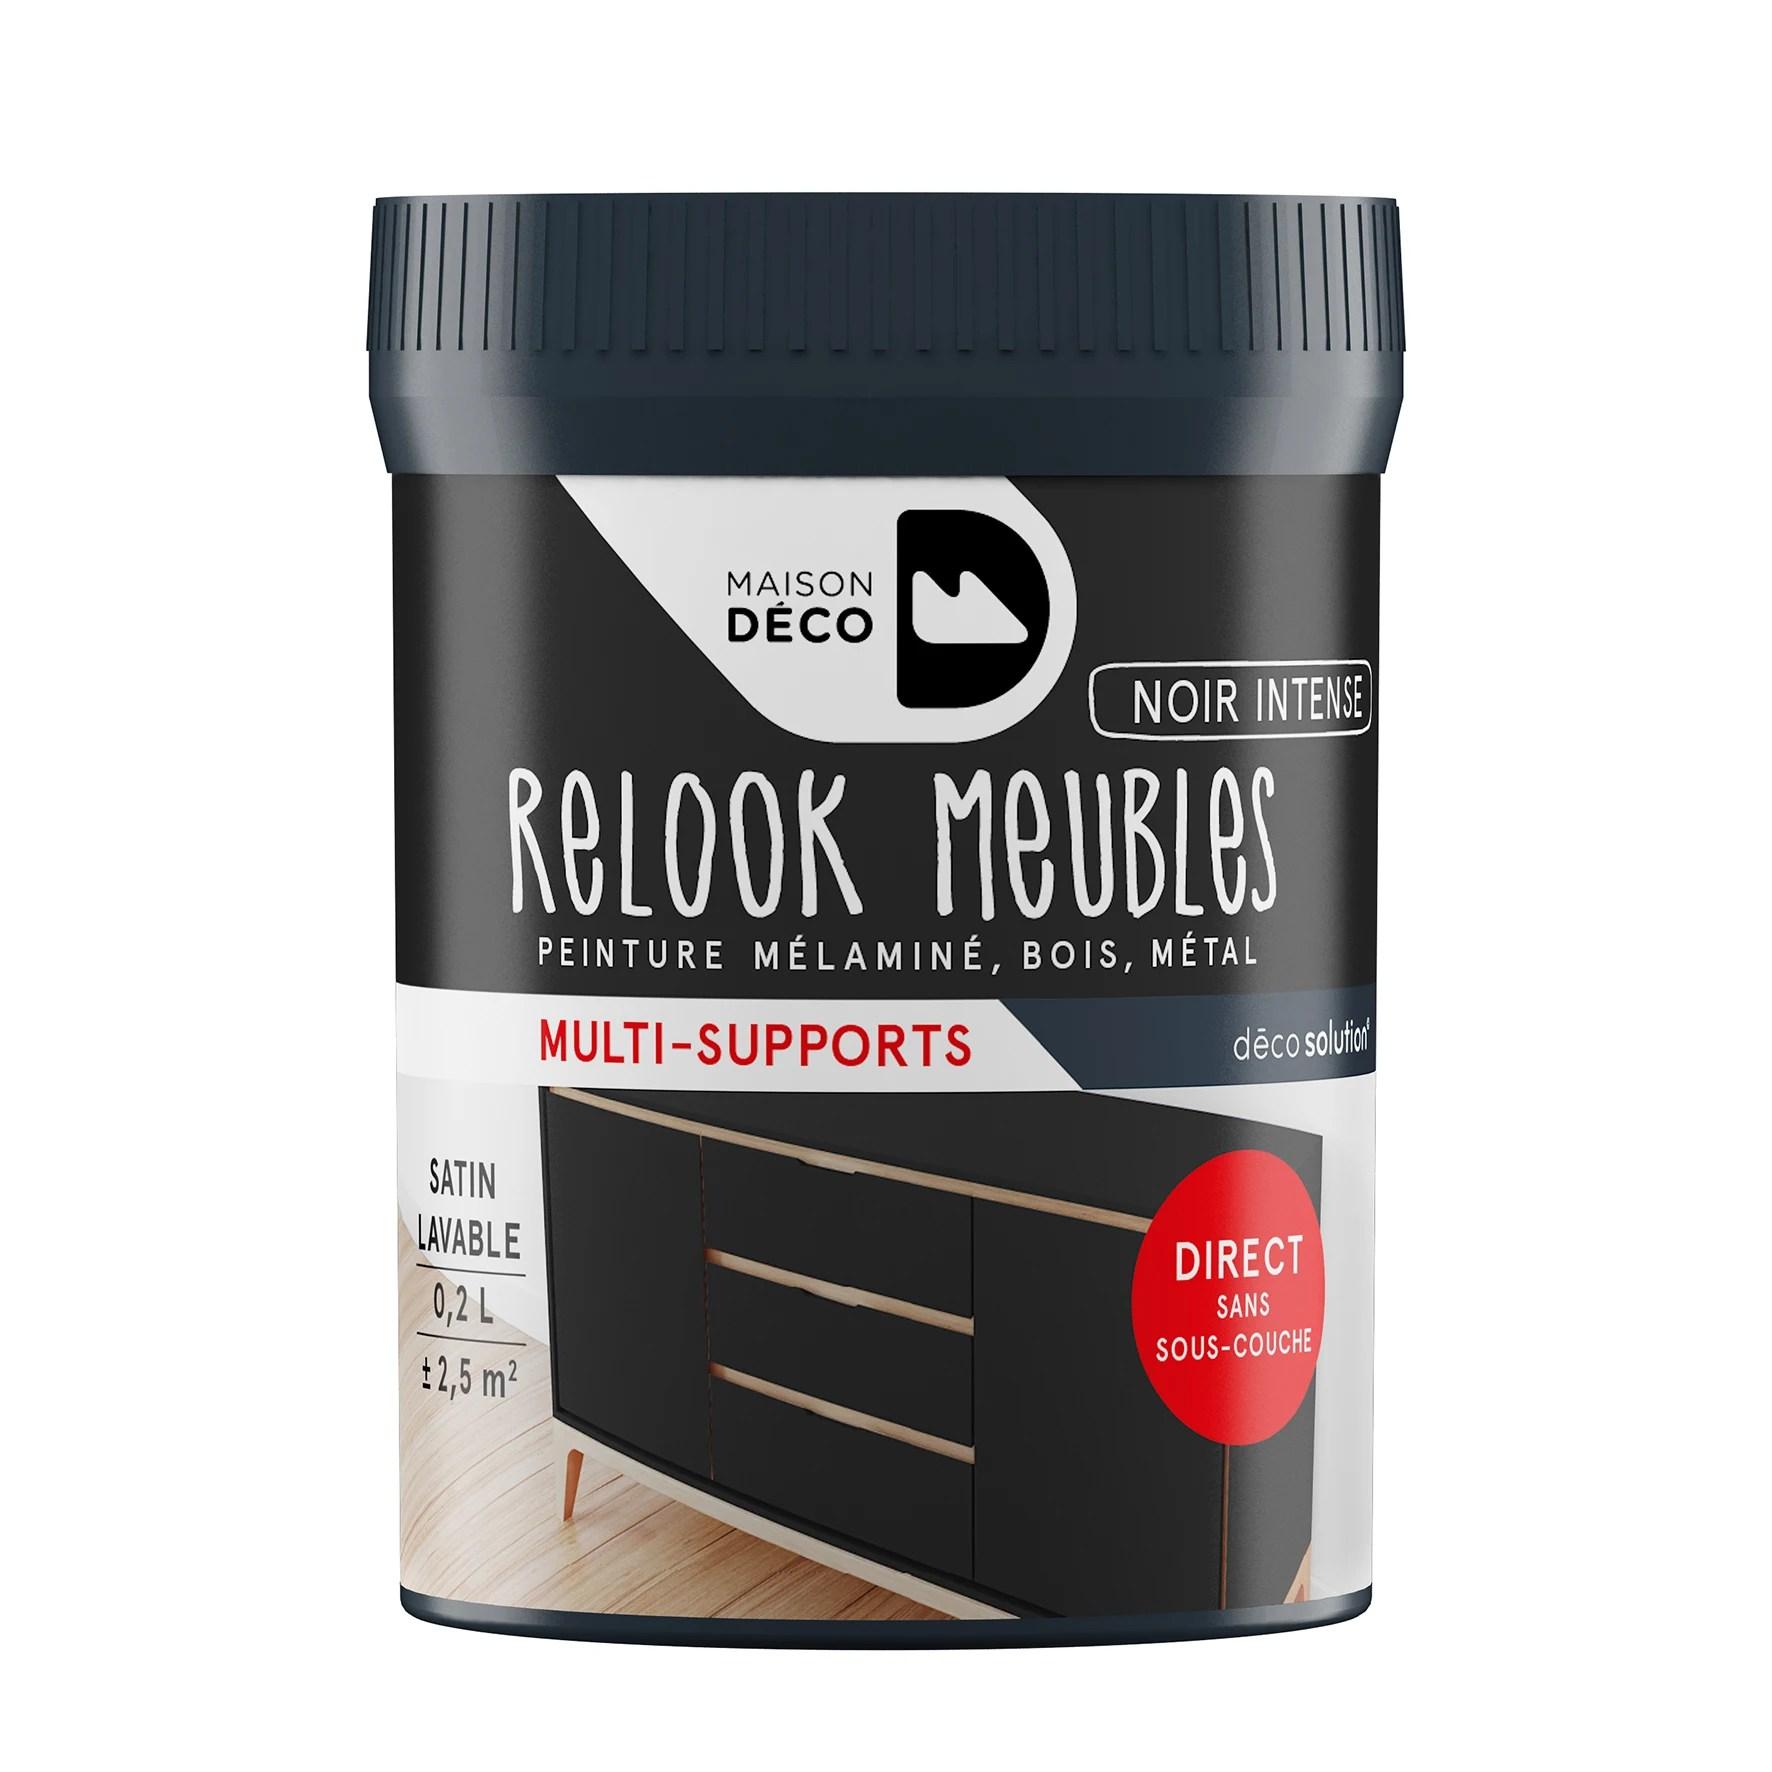 peinture pour meuble noir intense relook meuble en pot 0 2l